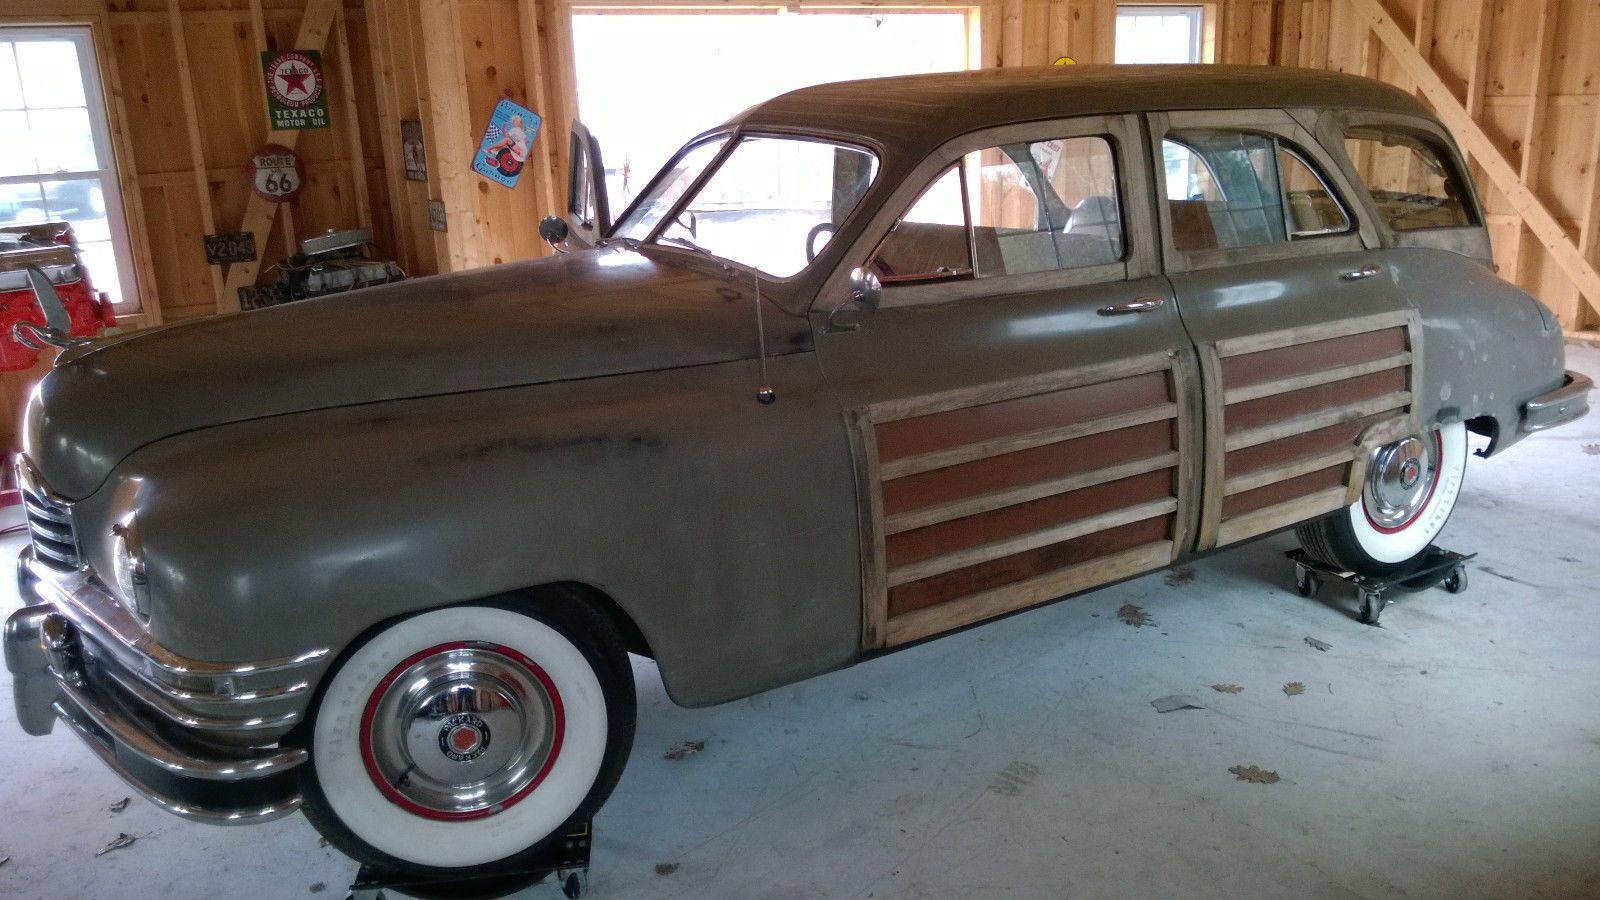 '48 Packard Woody Station Sedan Series 22  Model N°2293